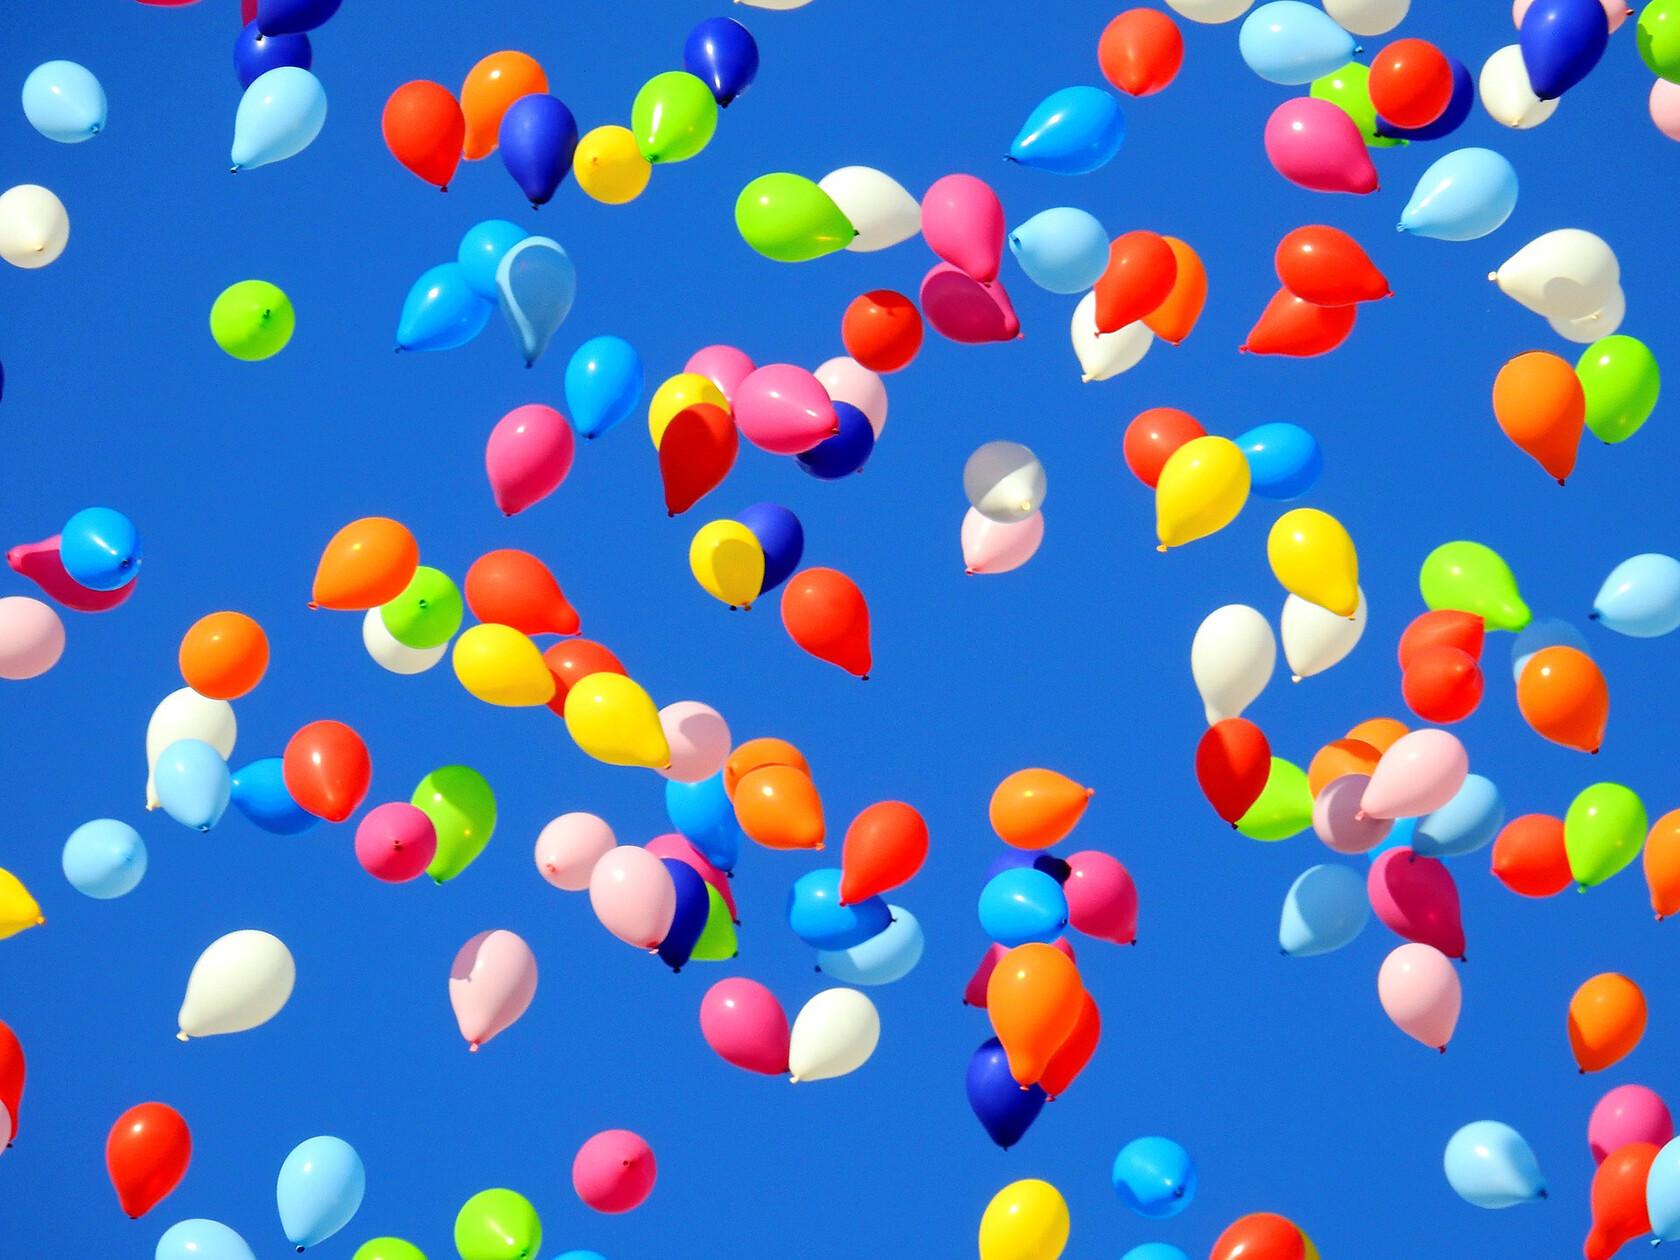 Molinari balloons pixabay